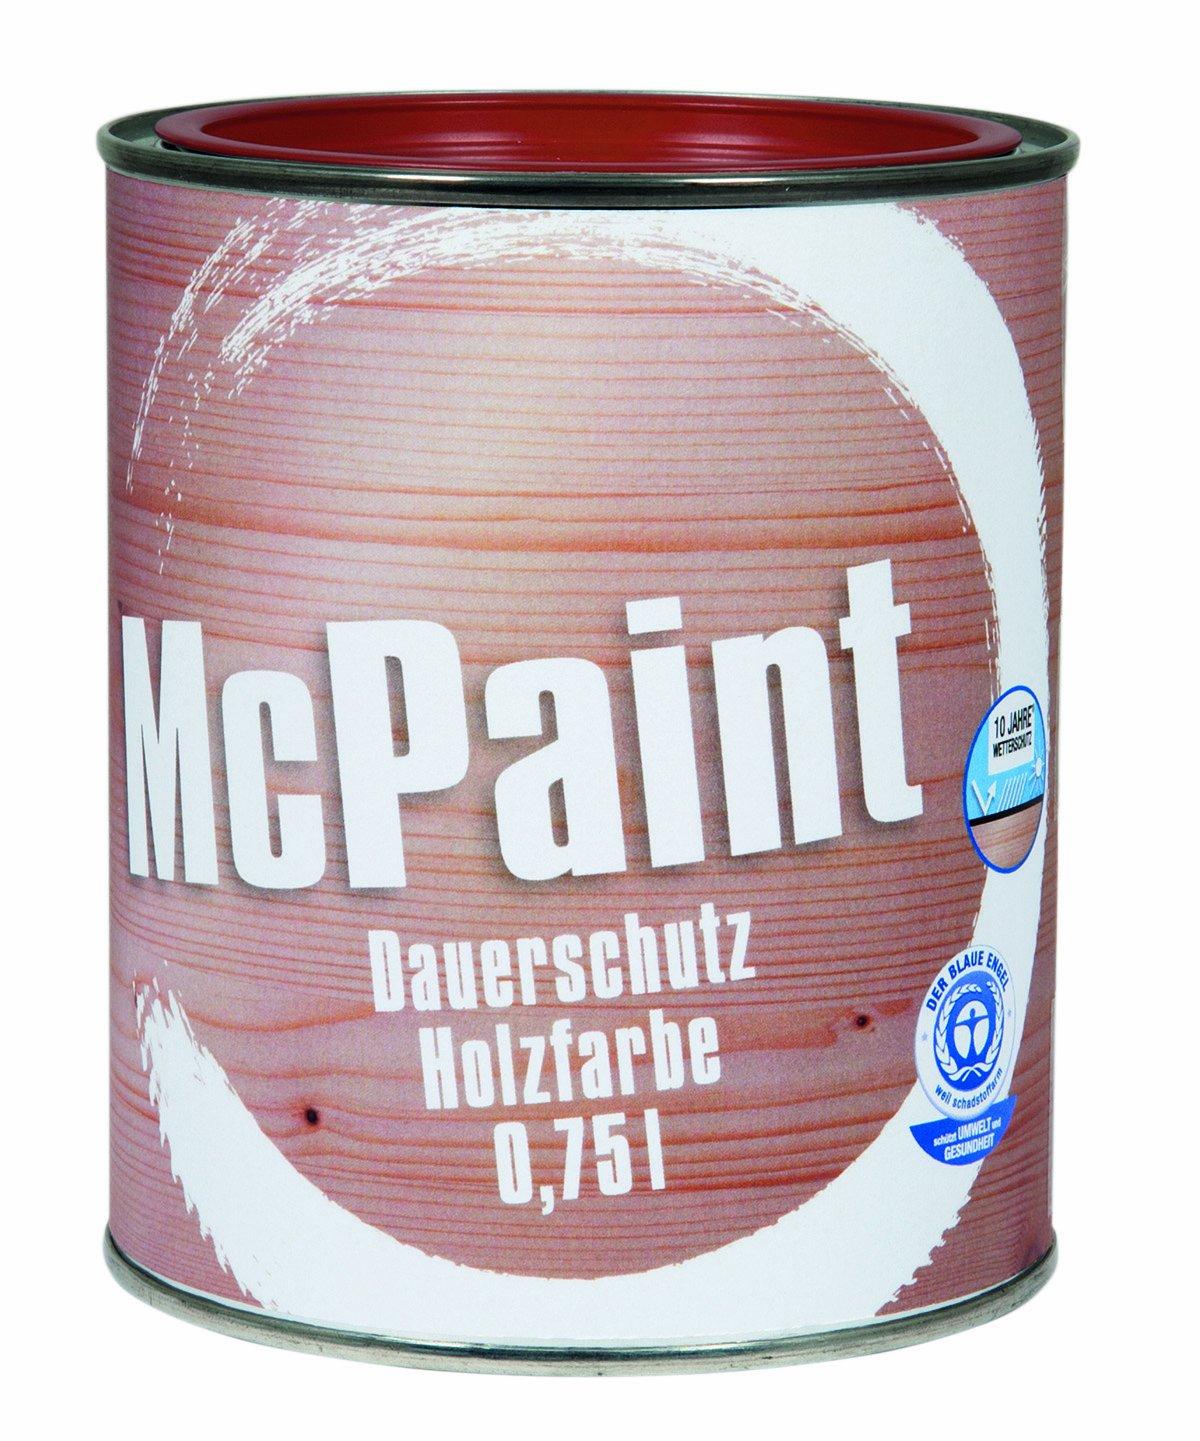 McPaint Wetterschutzfarbe – Holzfarbe für außen auf Acryl Basis mit langanhaltendem Wetterschutz, PU-verstärkt, Möbellack, seidenmatt, 0,750L, Moosgrün - Weitere Farbtöne verfügbar J123407M